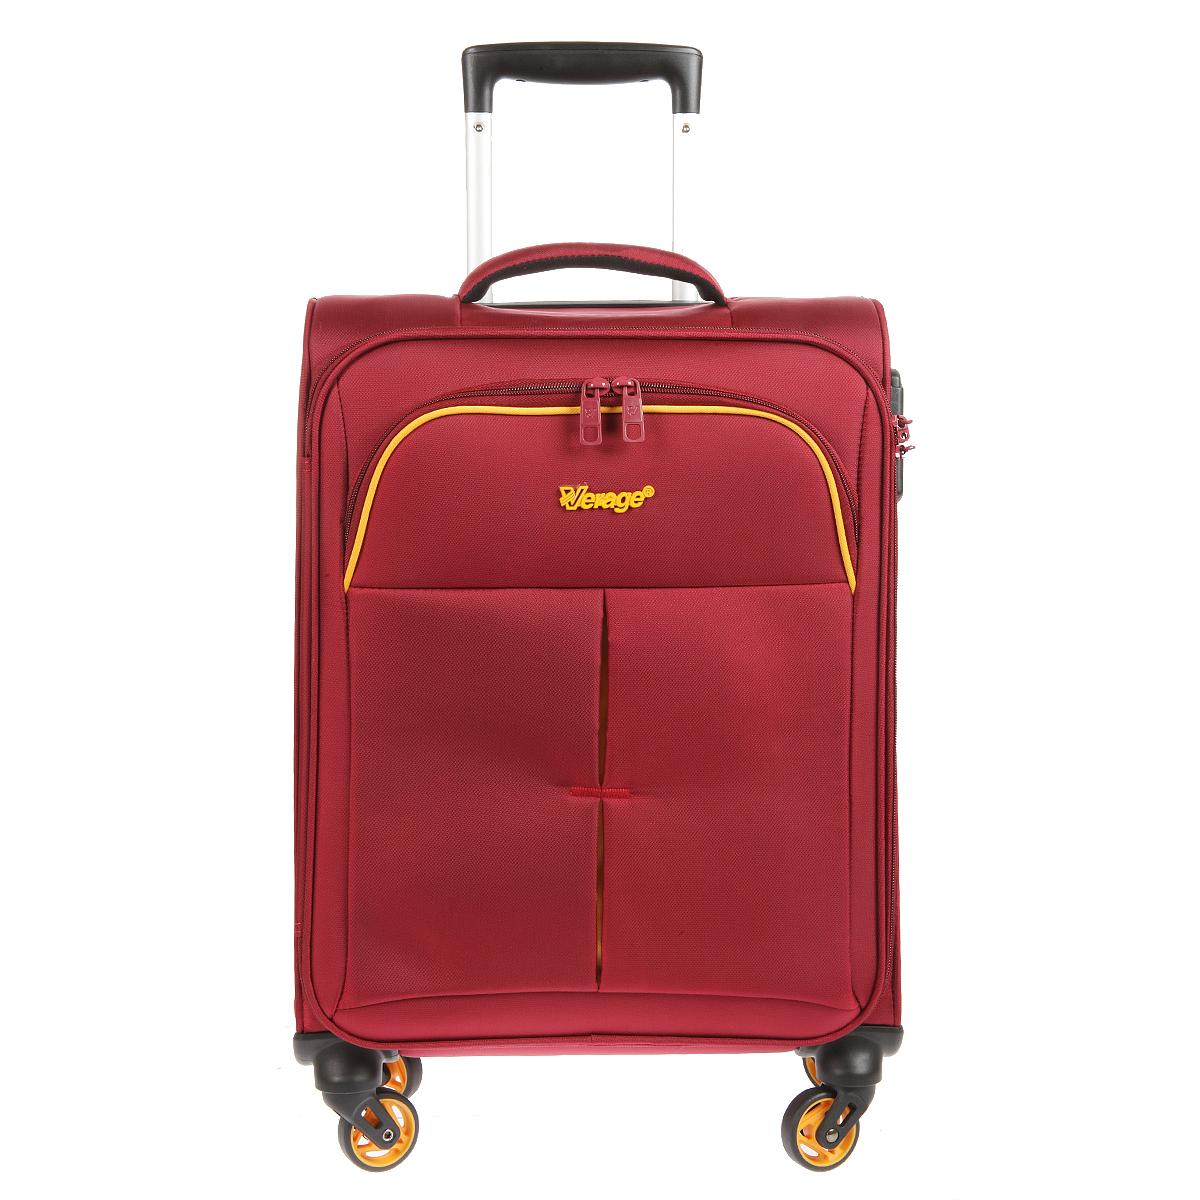 Чемодан-тележка Verage, цвет: бордовый, 30 л. GM14040w 18.5GM14040w 18.5 burgundyЧемодан-тележка Verage оснащен четырьмя колесиками, вращающимися на 360°. Закрывается по периметру на двухстороннюю молнию. Сверху расположена мягкая ручка для удобства временного переноса. Внутри один отдел для одежды, который фиксируется эластичными резинками на застежках. Также внутри расположен один сетчатый карман на застежке-молнии. Снаружи на передней стенке карман на застежке-молнии. Оснащен встроенным кодовым замком с функцией TSA. Имеется телескопическая ручка, максимальная высота которой 51 см.